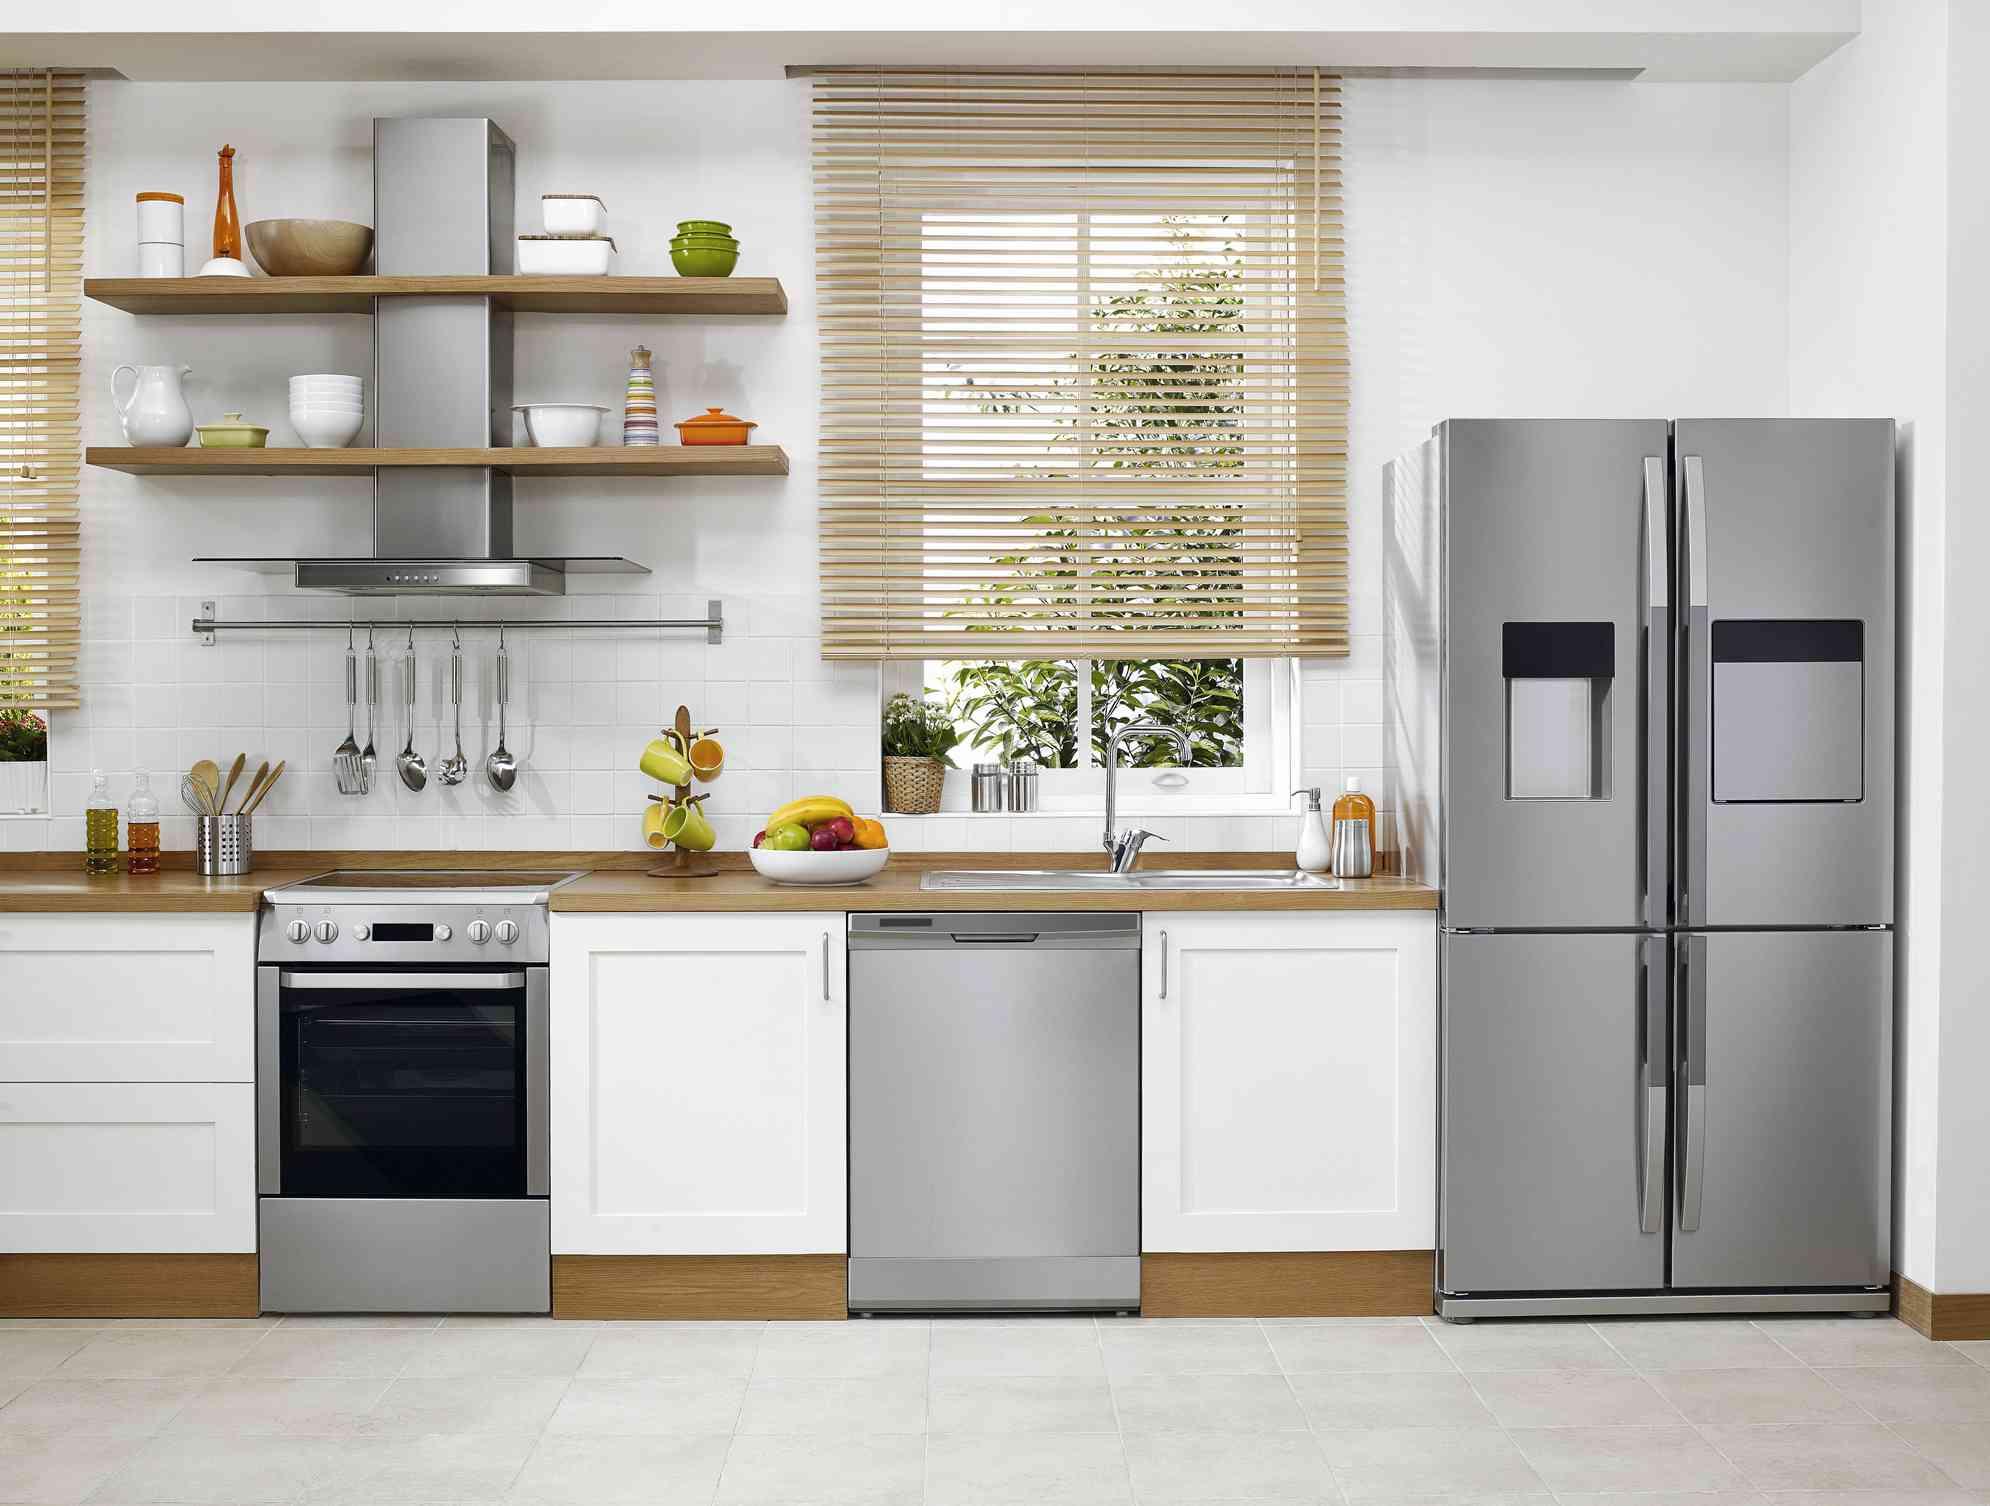 Kitchen Backsplash Next to Refrigerator